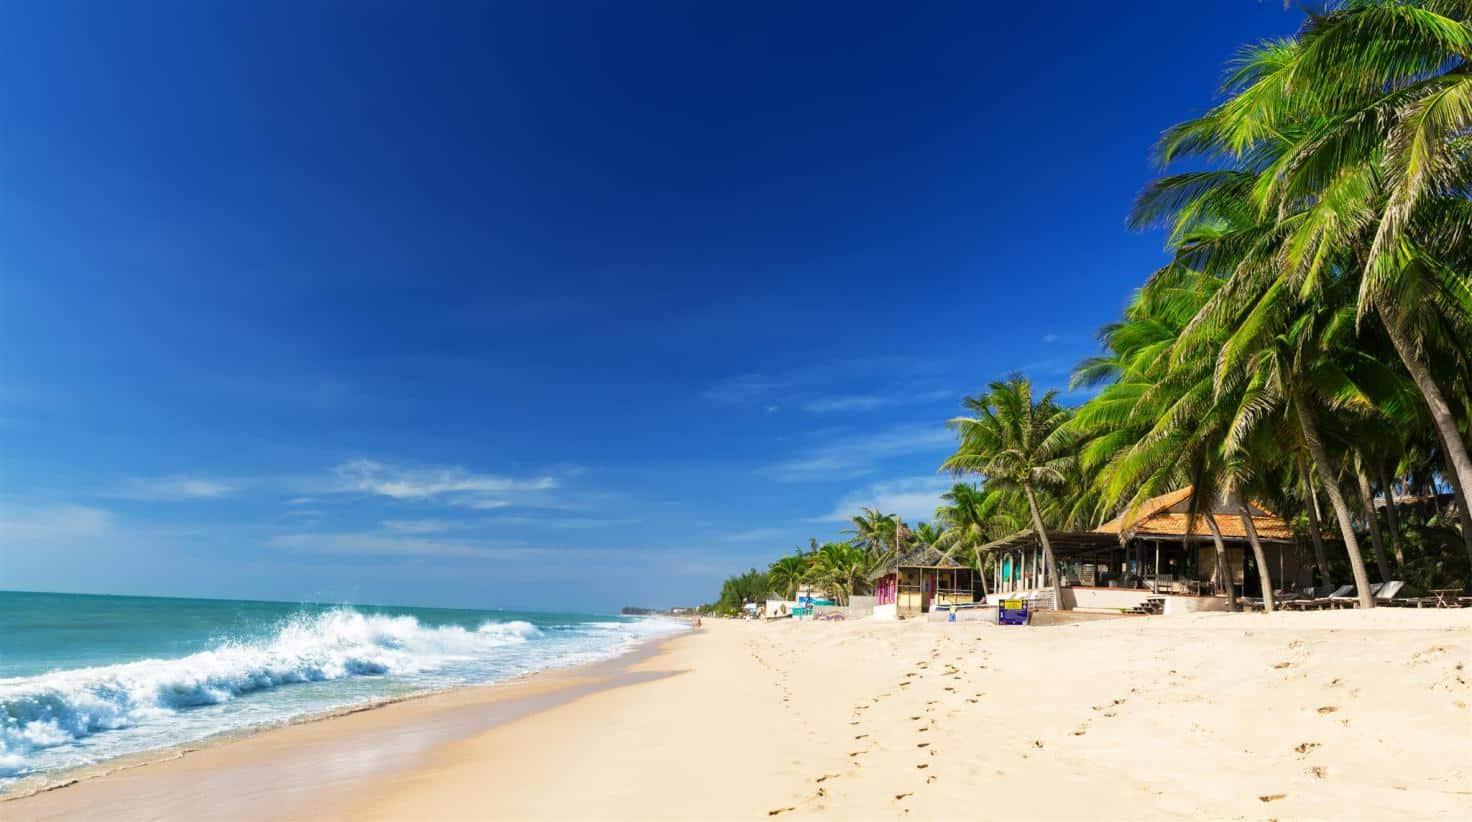 Khách sạn Phan Thiết, Việt Nam: Giá rẻ, nhiều ưu đãi